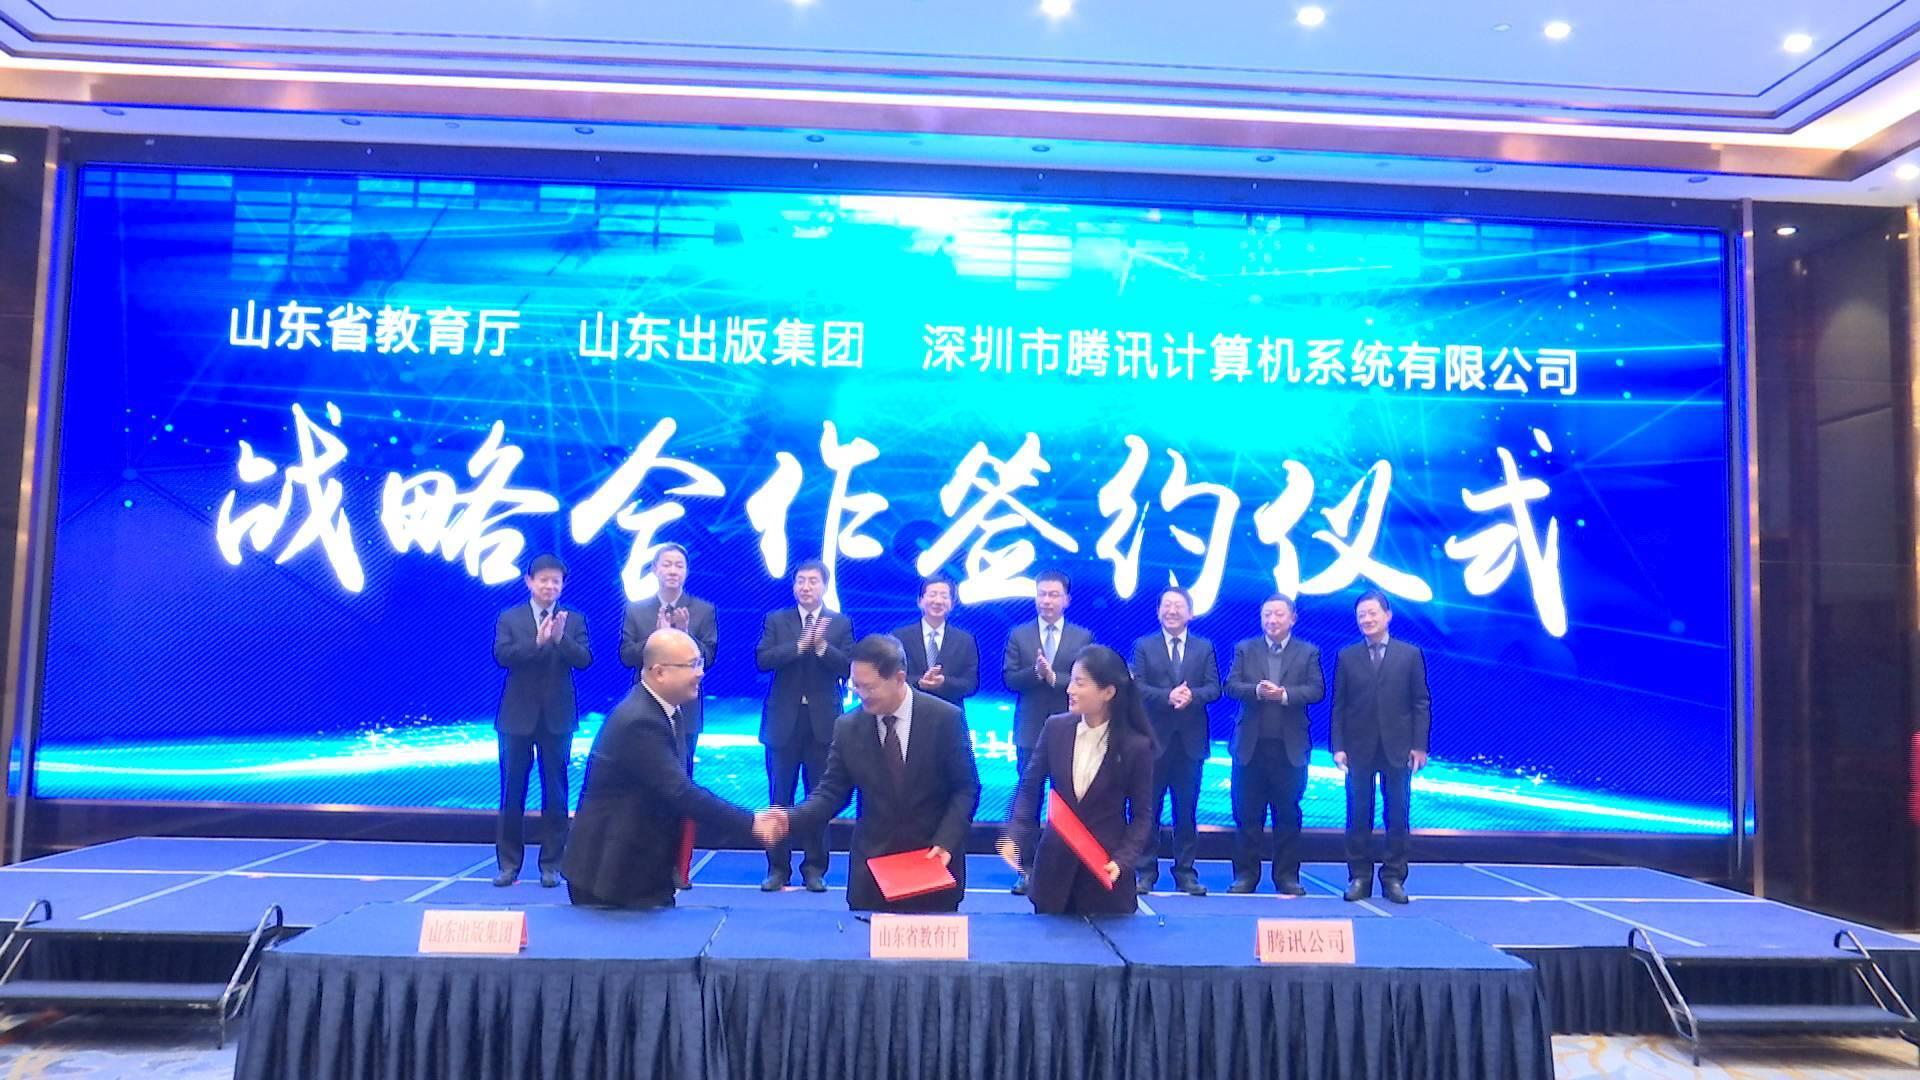 山东省教育厅、山东出版与腾讯签约 合力推进山东教育信息化变革